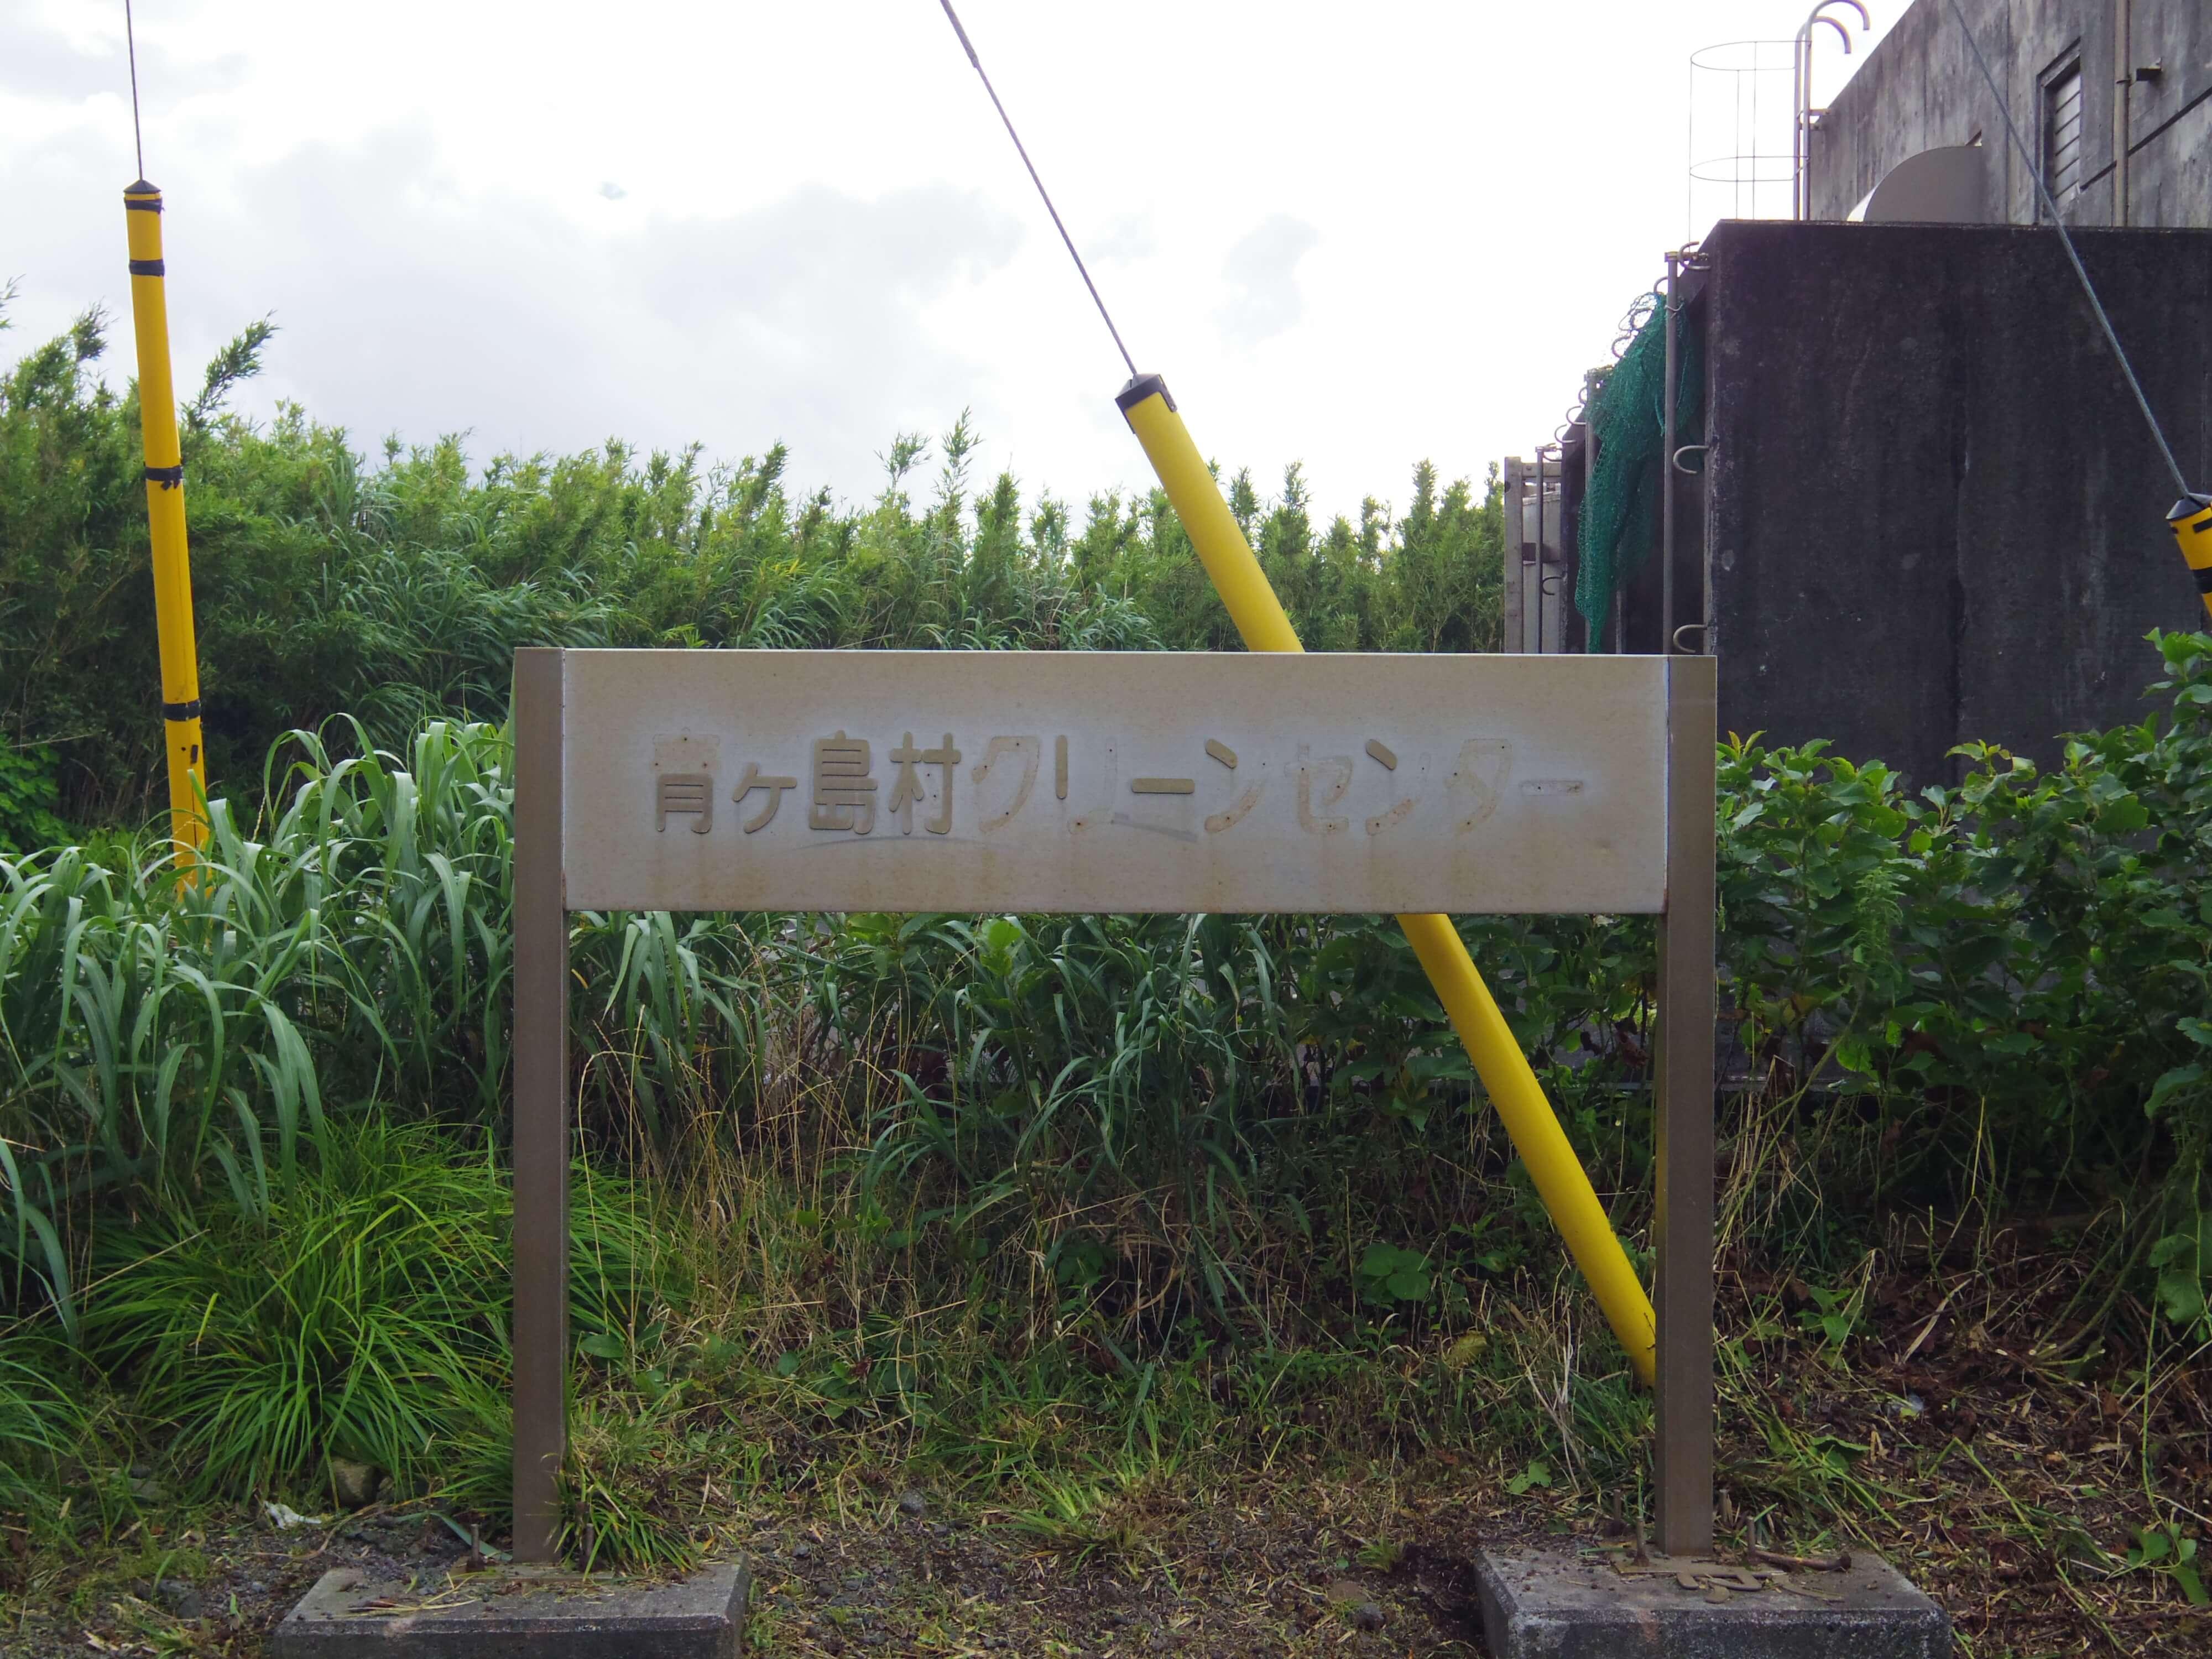 青ヶ島村クリーンセンター看板